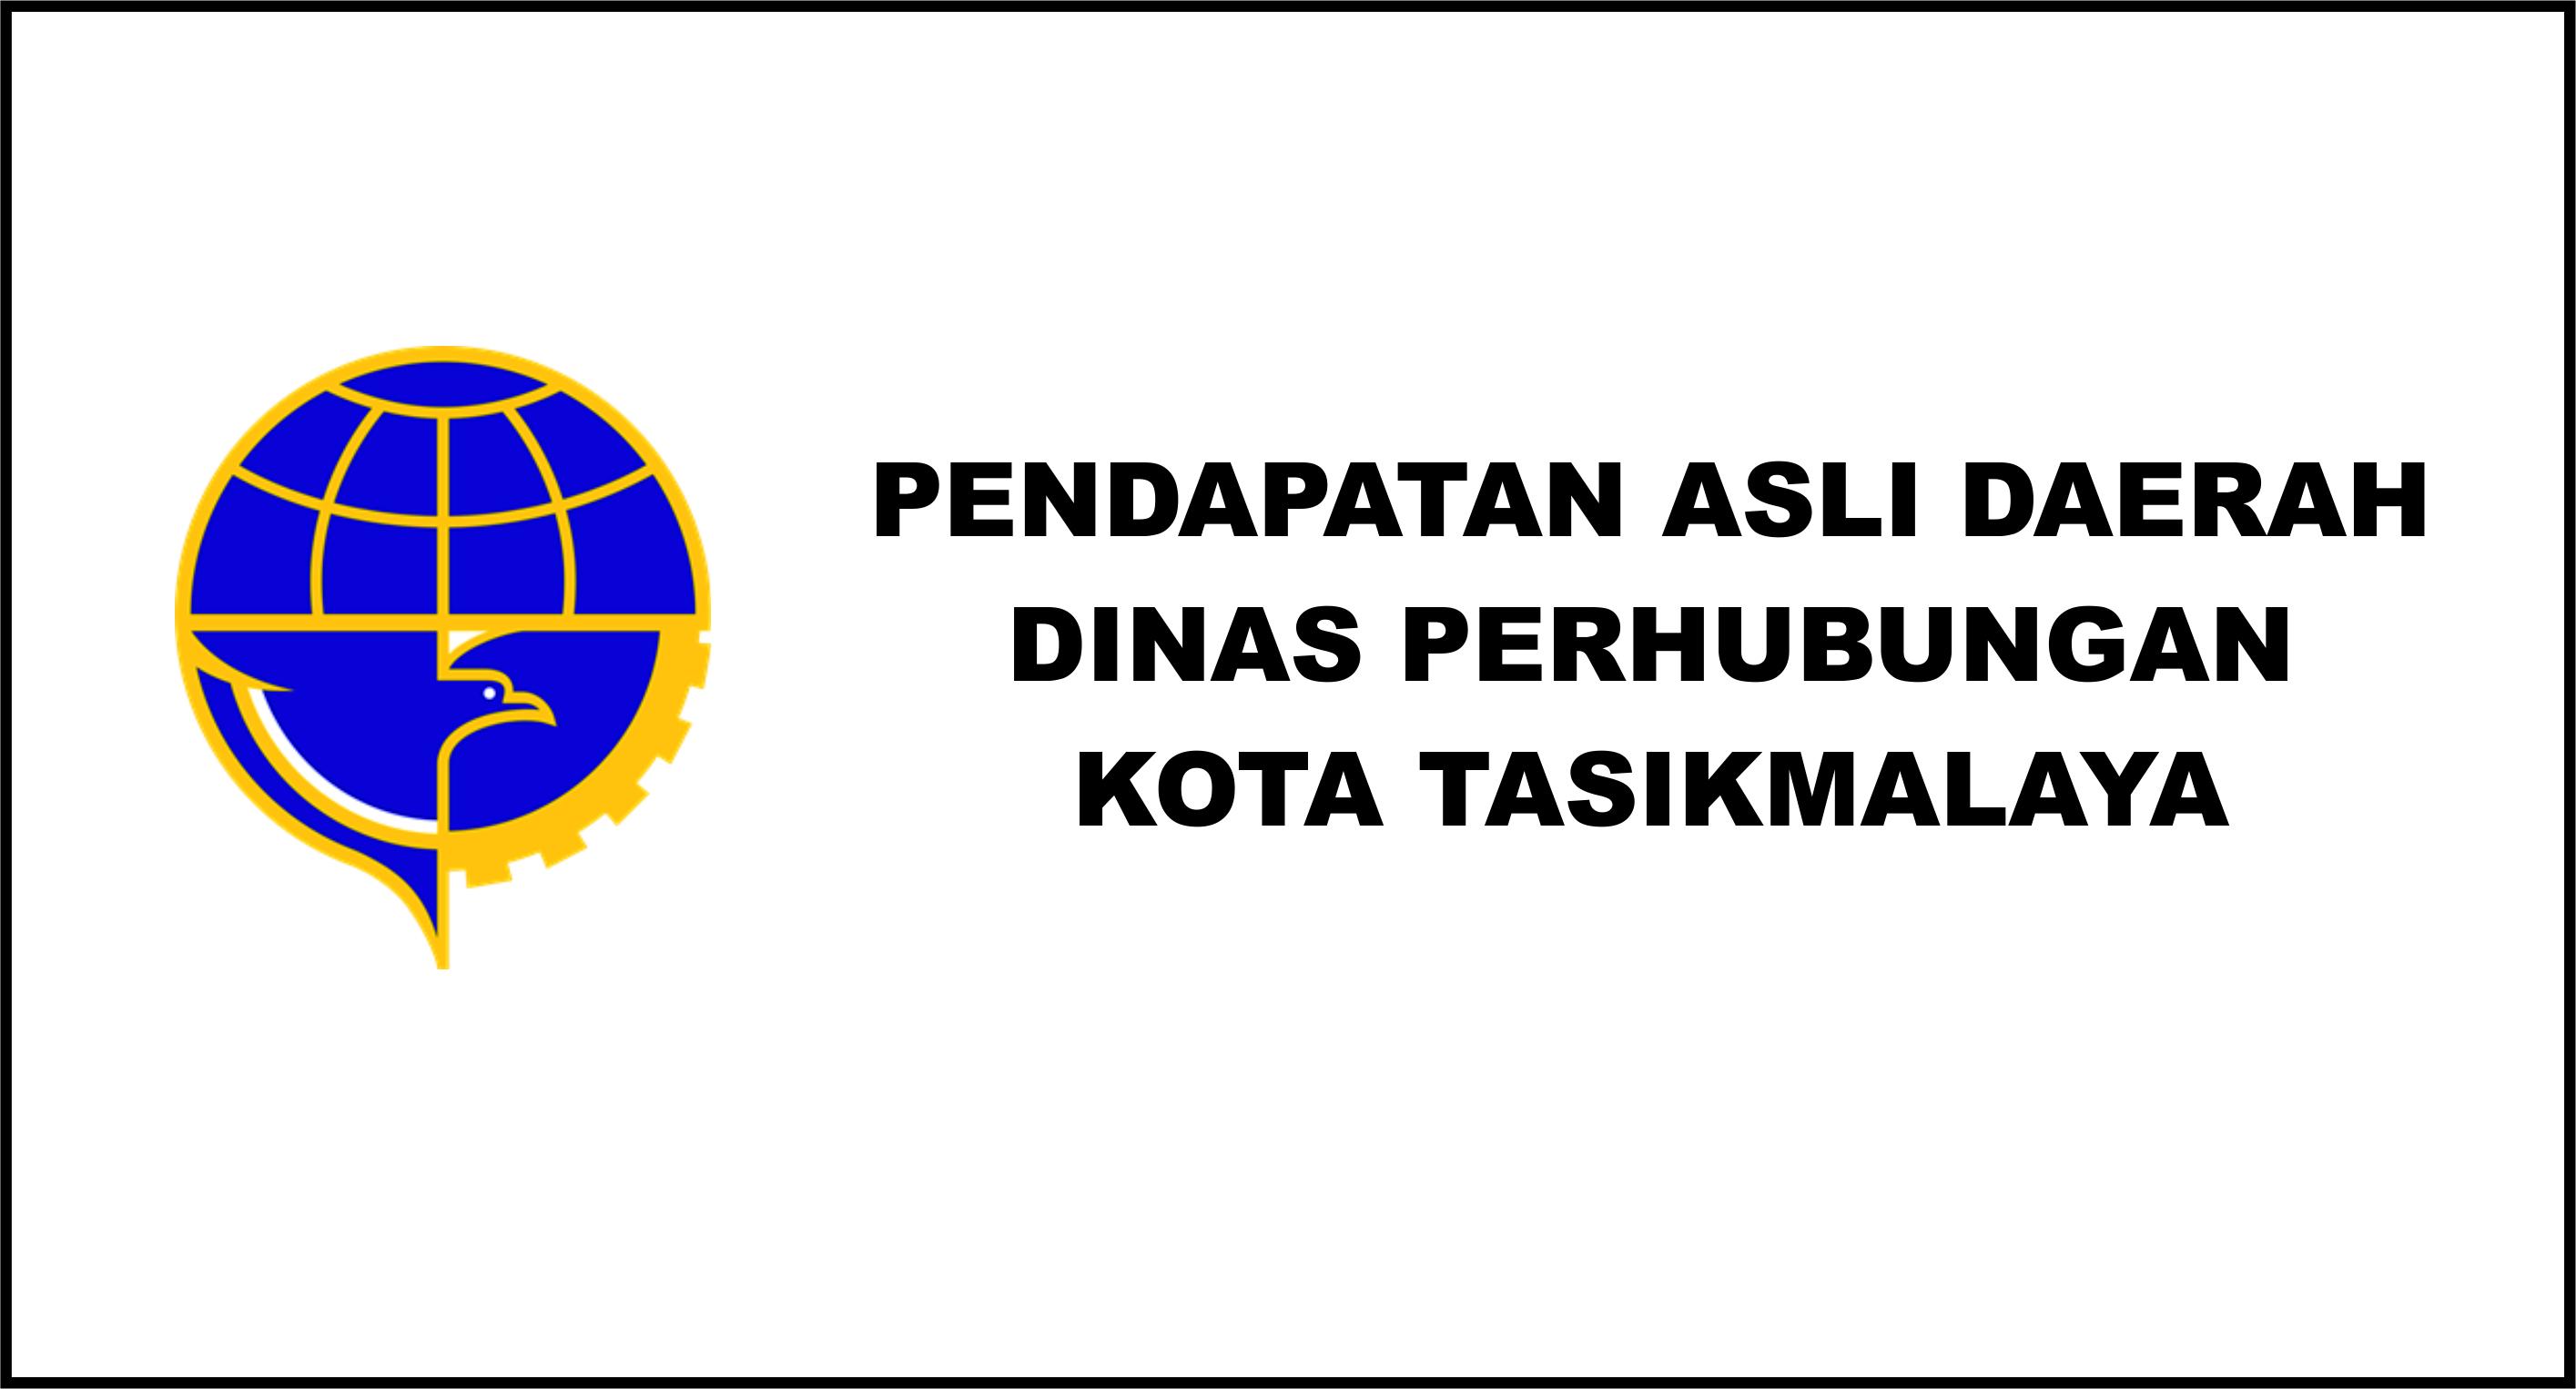 Pendapatan Asli Daerah Dinas Perhubungan Kota Tasikmalaya Tahun 2020